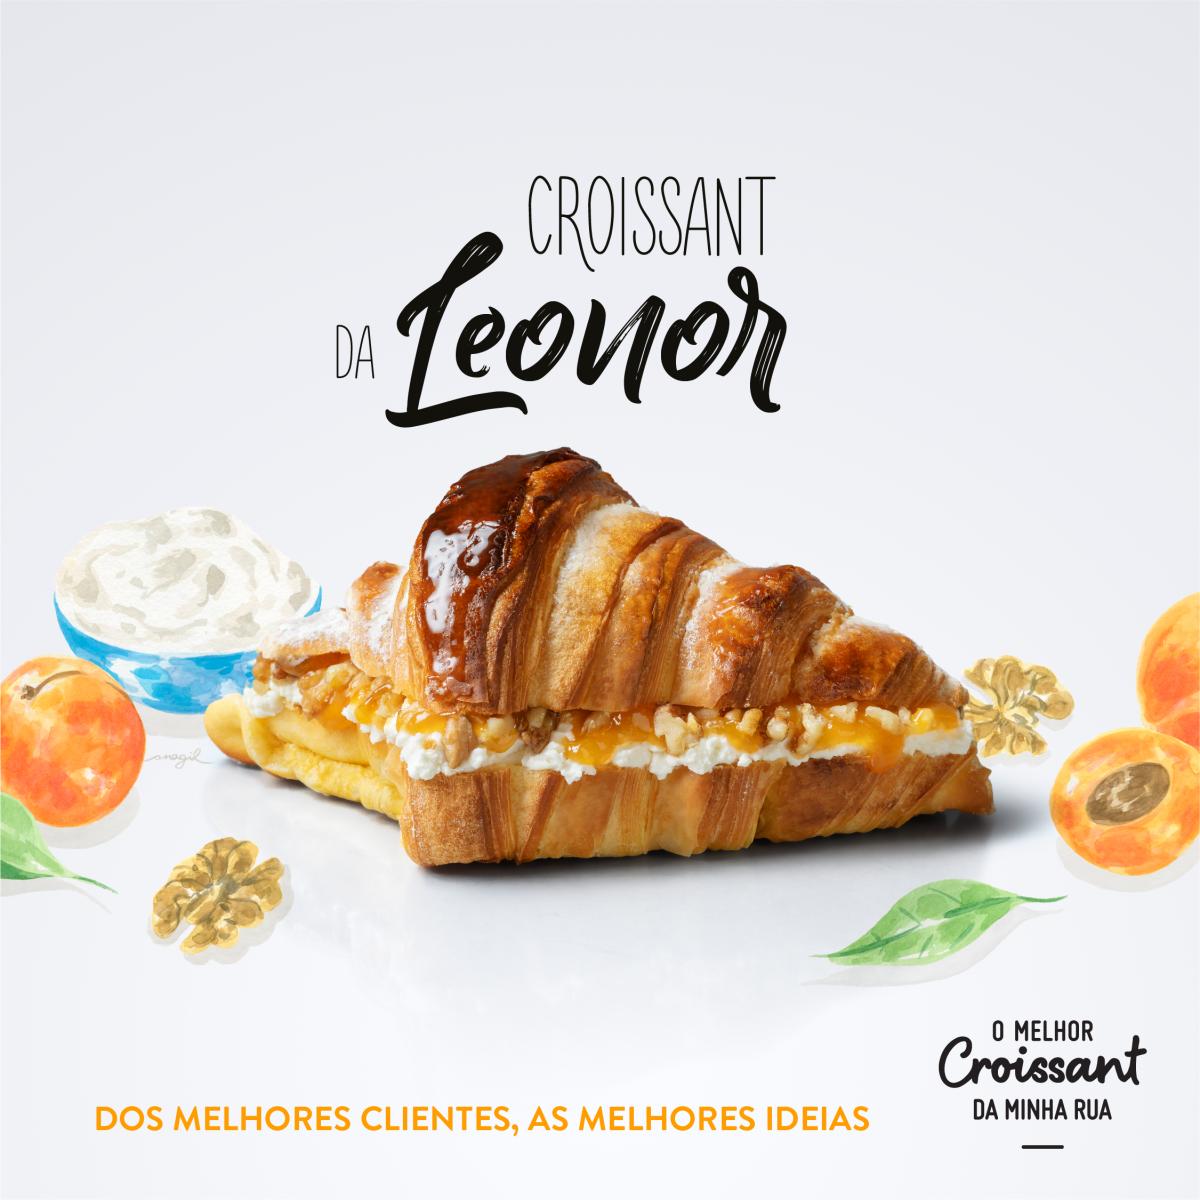 O Melhor Croissant da Minha Rua lança edição especial com Mascarpone – uma ideia da cliente Leonor